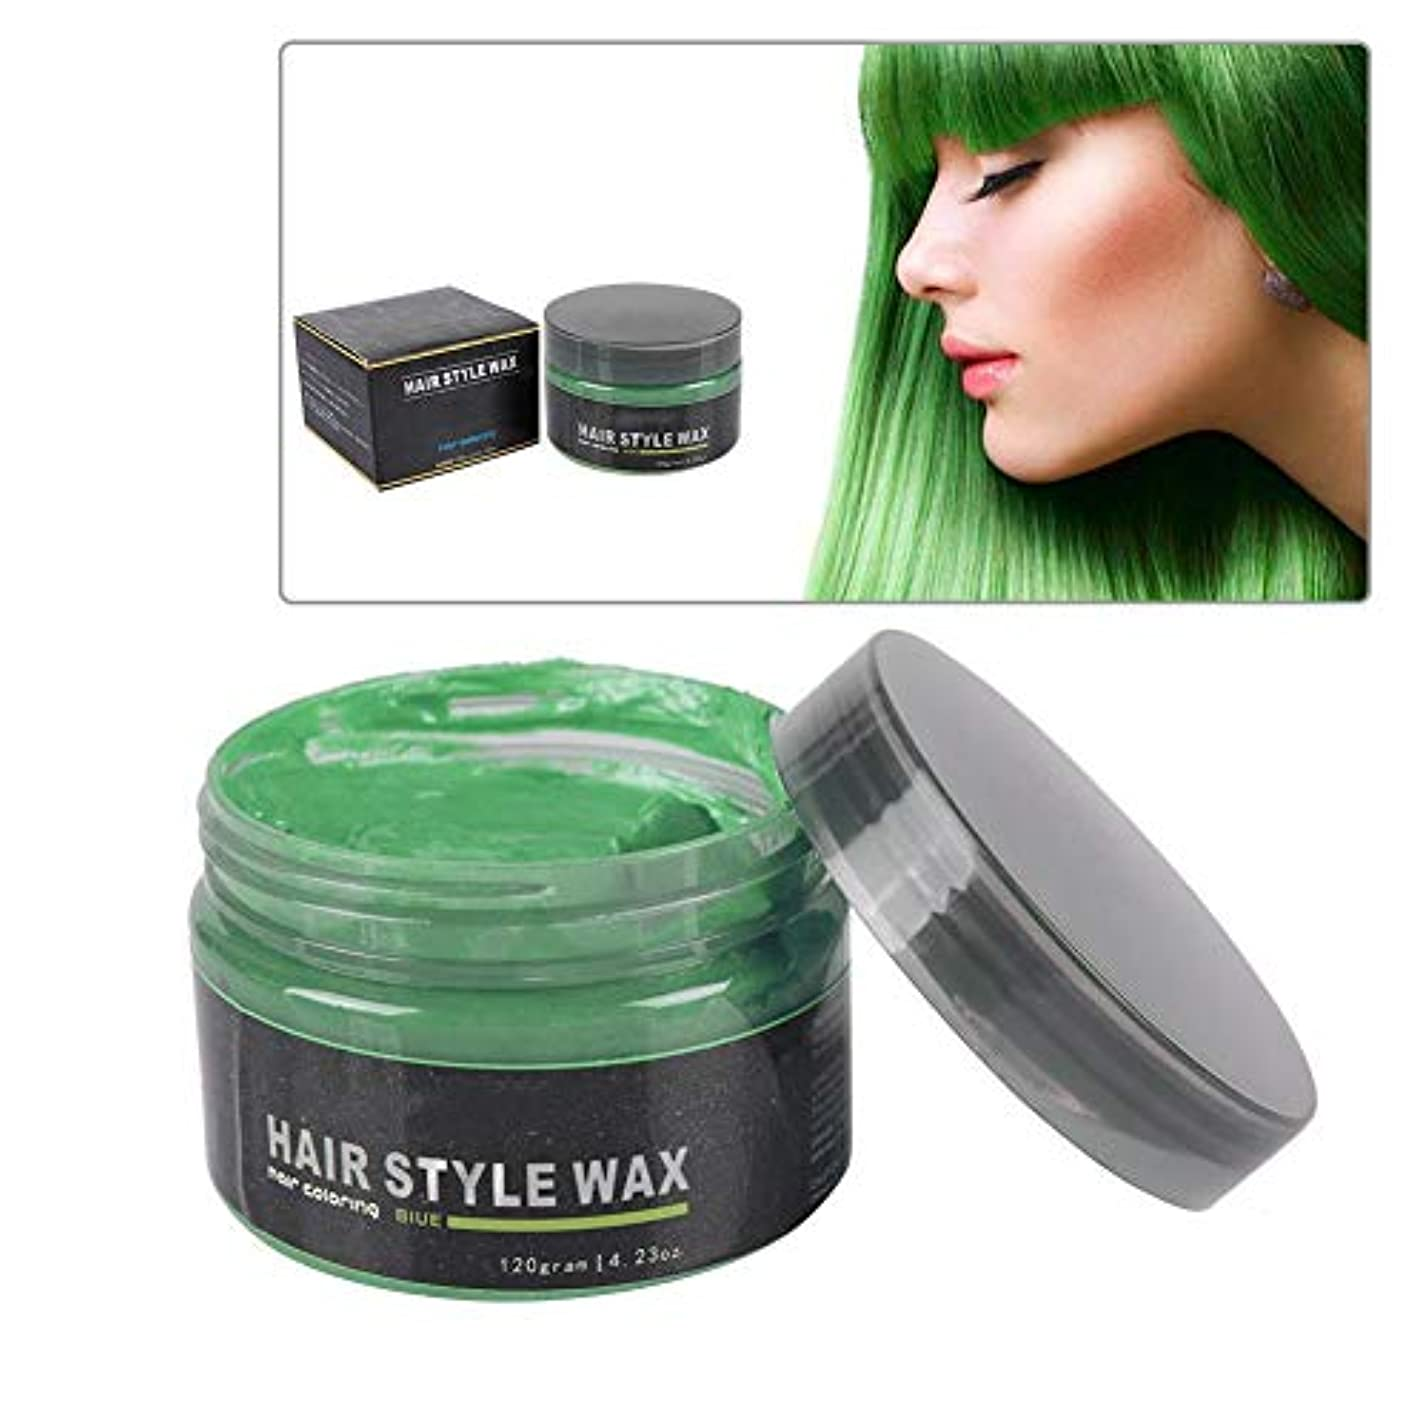 あまりにもモーテル可塑性使い捨ての新しいヘアカラーワックス、染毛剤の着色泥のヘアスタイルモデリングクリーム120グラム(グリーン)